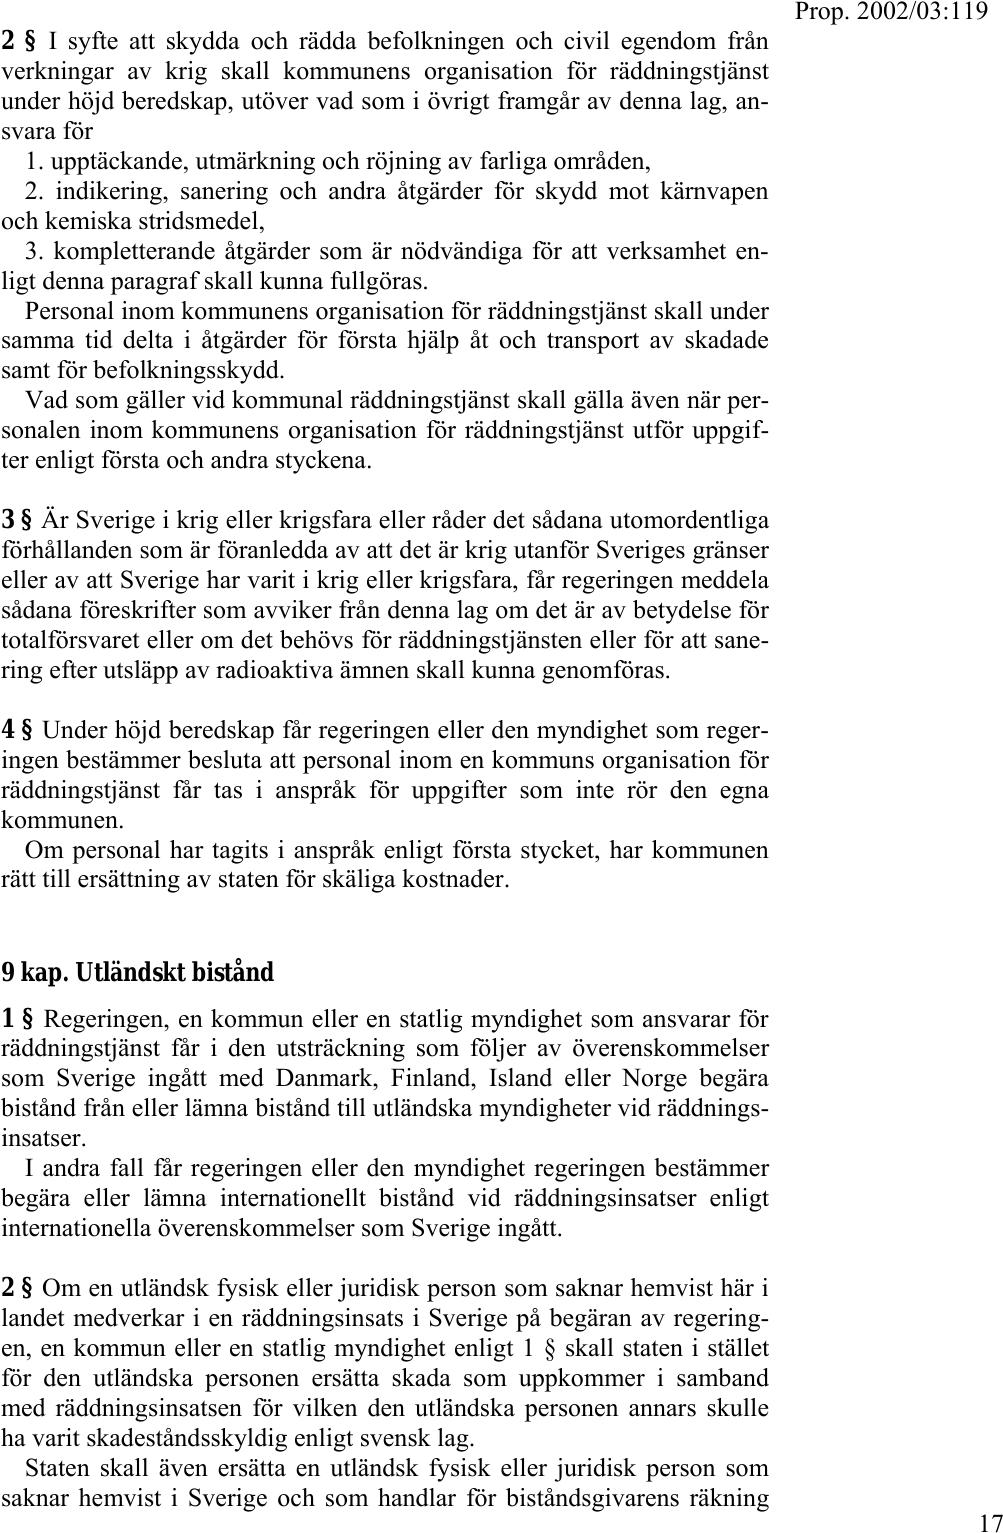 Ingen avlyssning av norska institutioner